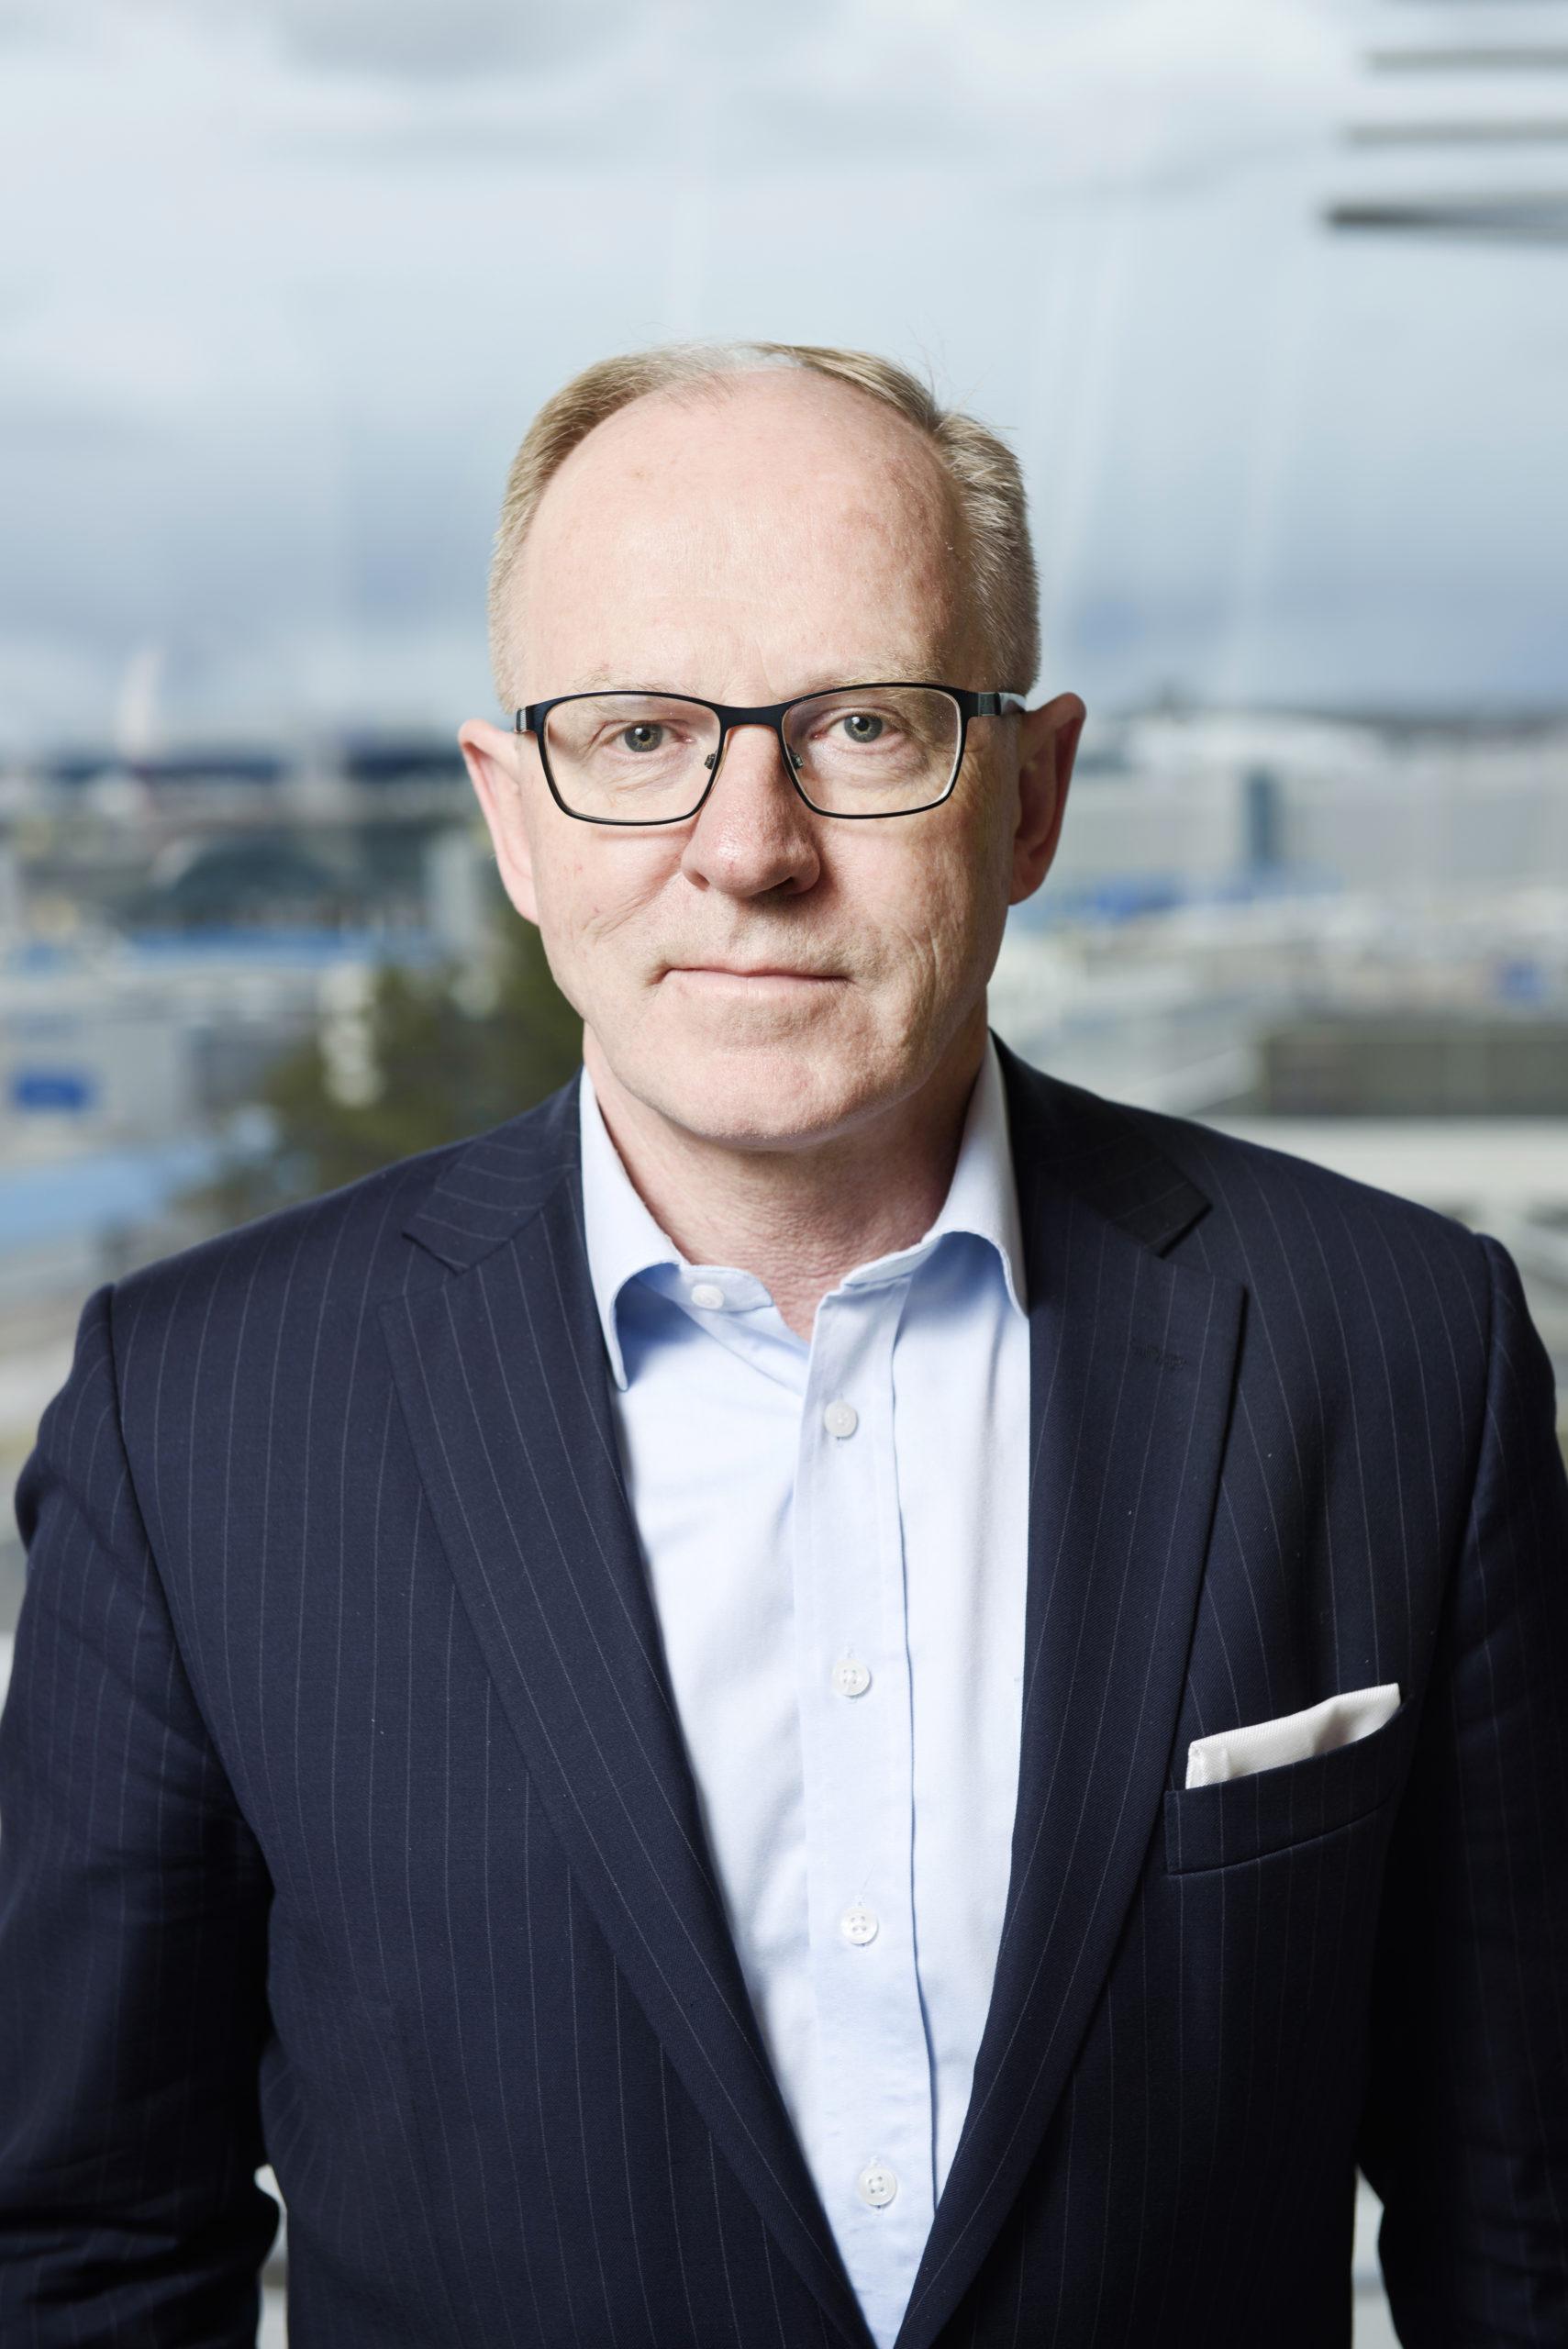 Finnairilla on ollut tärkeä tehtävä Suomen talouselämän linkkinä Aasiaan, Vauramo toteaa.